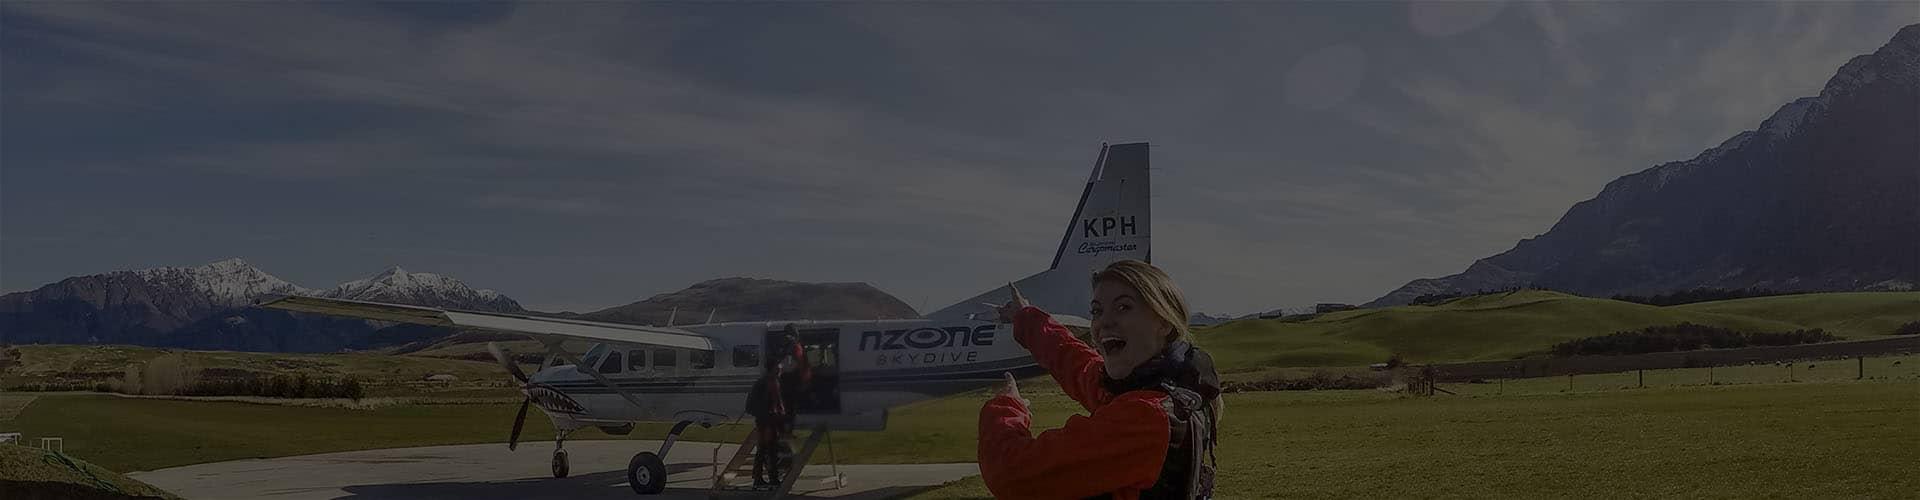 Девушка приглашает туристов в самолет